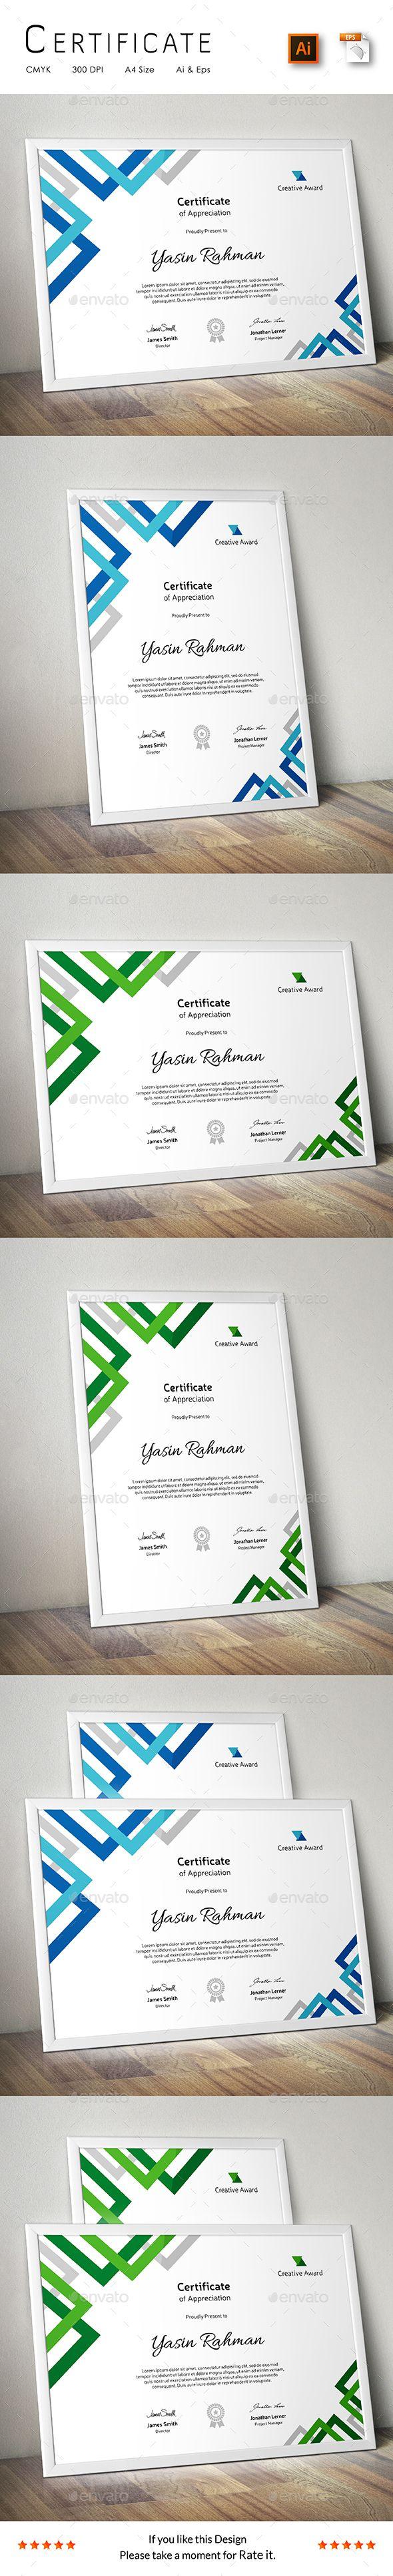 Pin von best Graphic Design auf Certificate Templates | Pinterest ...